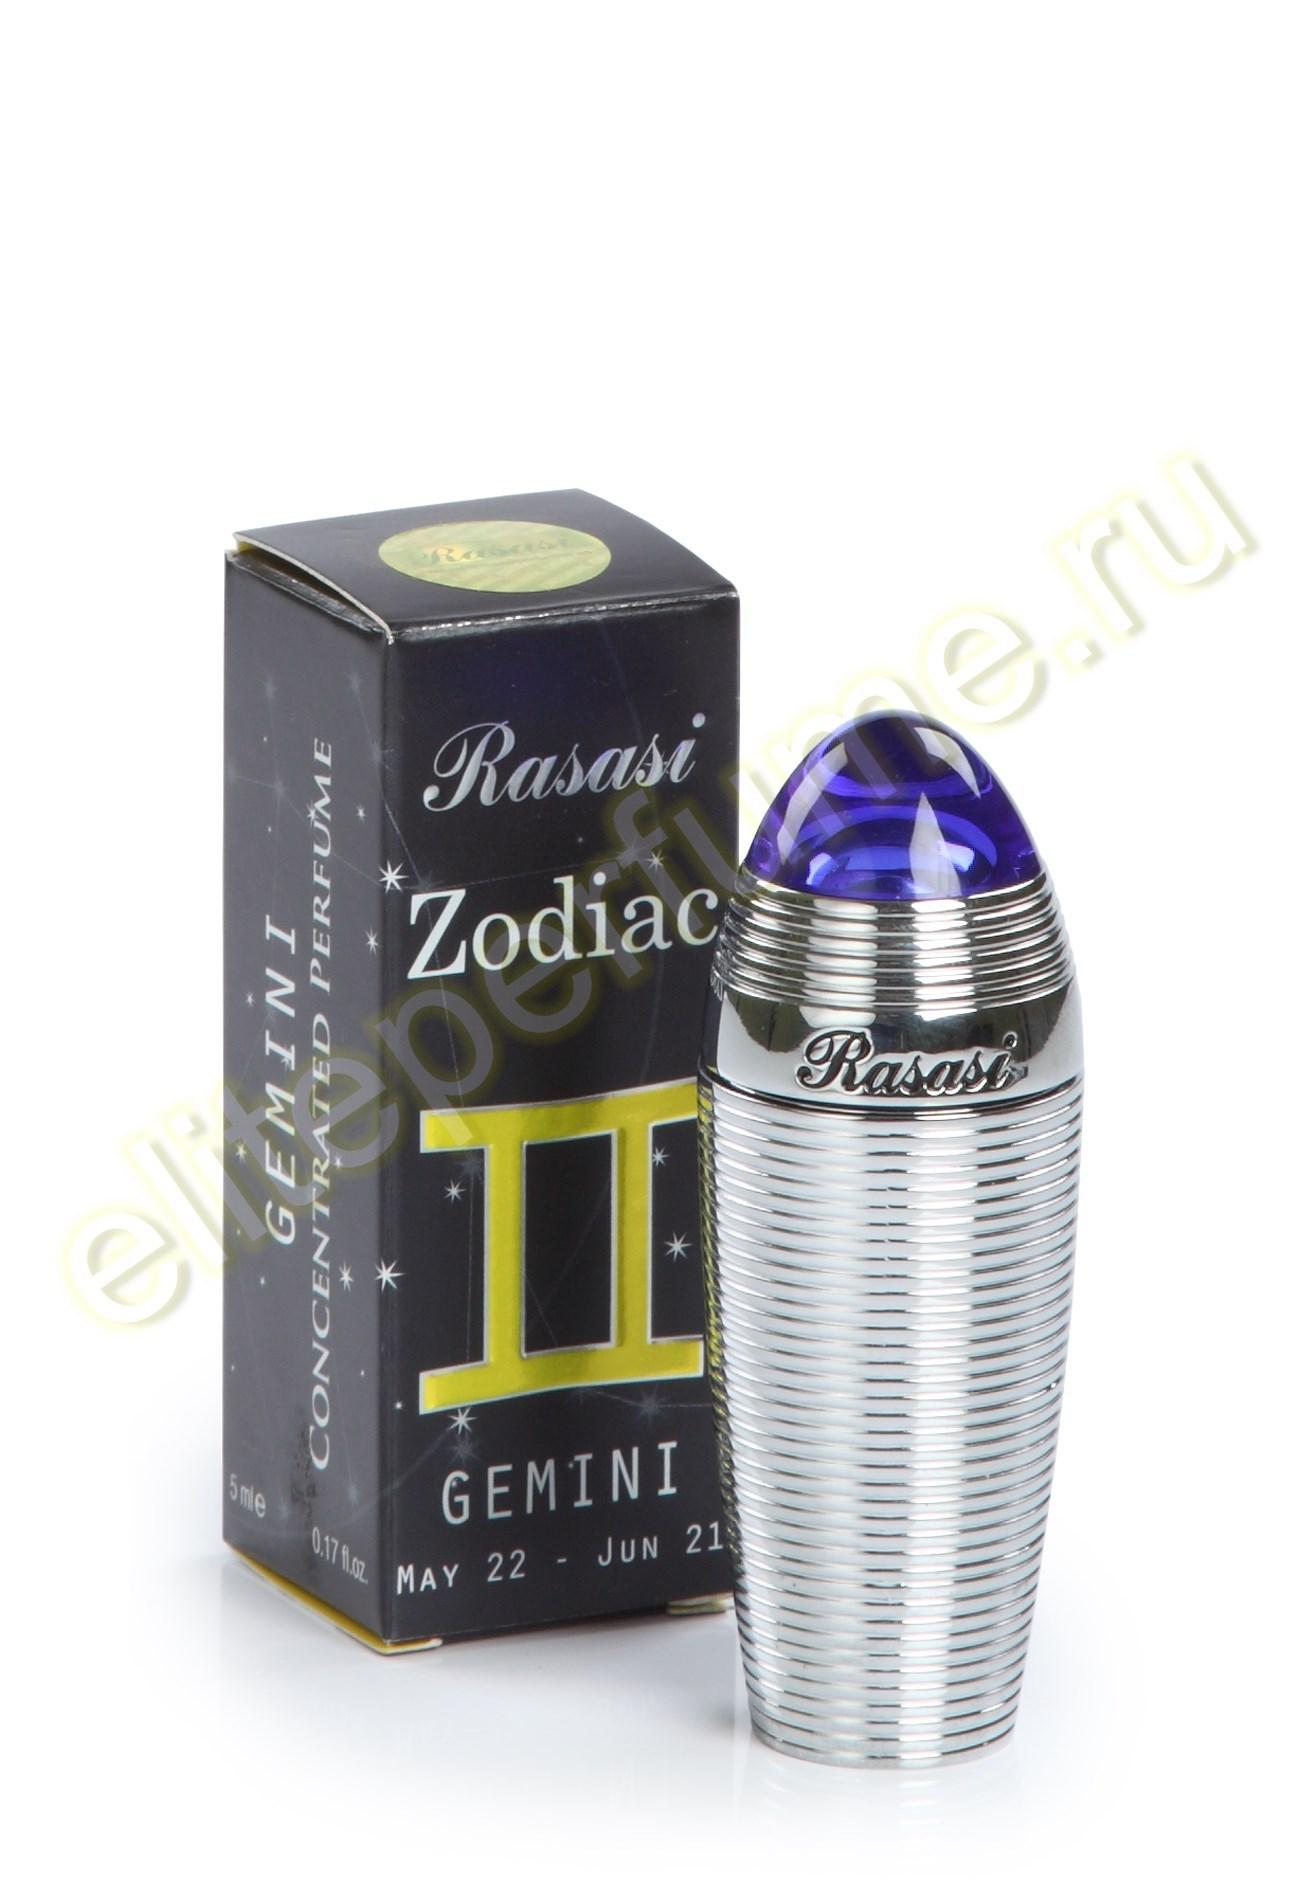 Пробники для арабских духов Зодиак Близнецы Zodiac Gemini 1 мл арабские масляные духи от Расаси Rasasi Perfumes